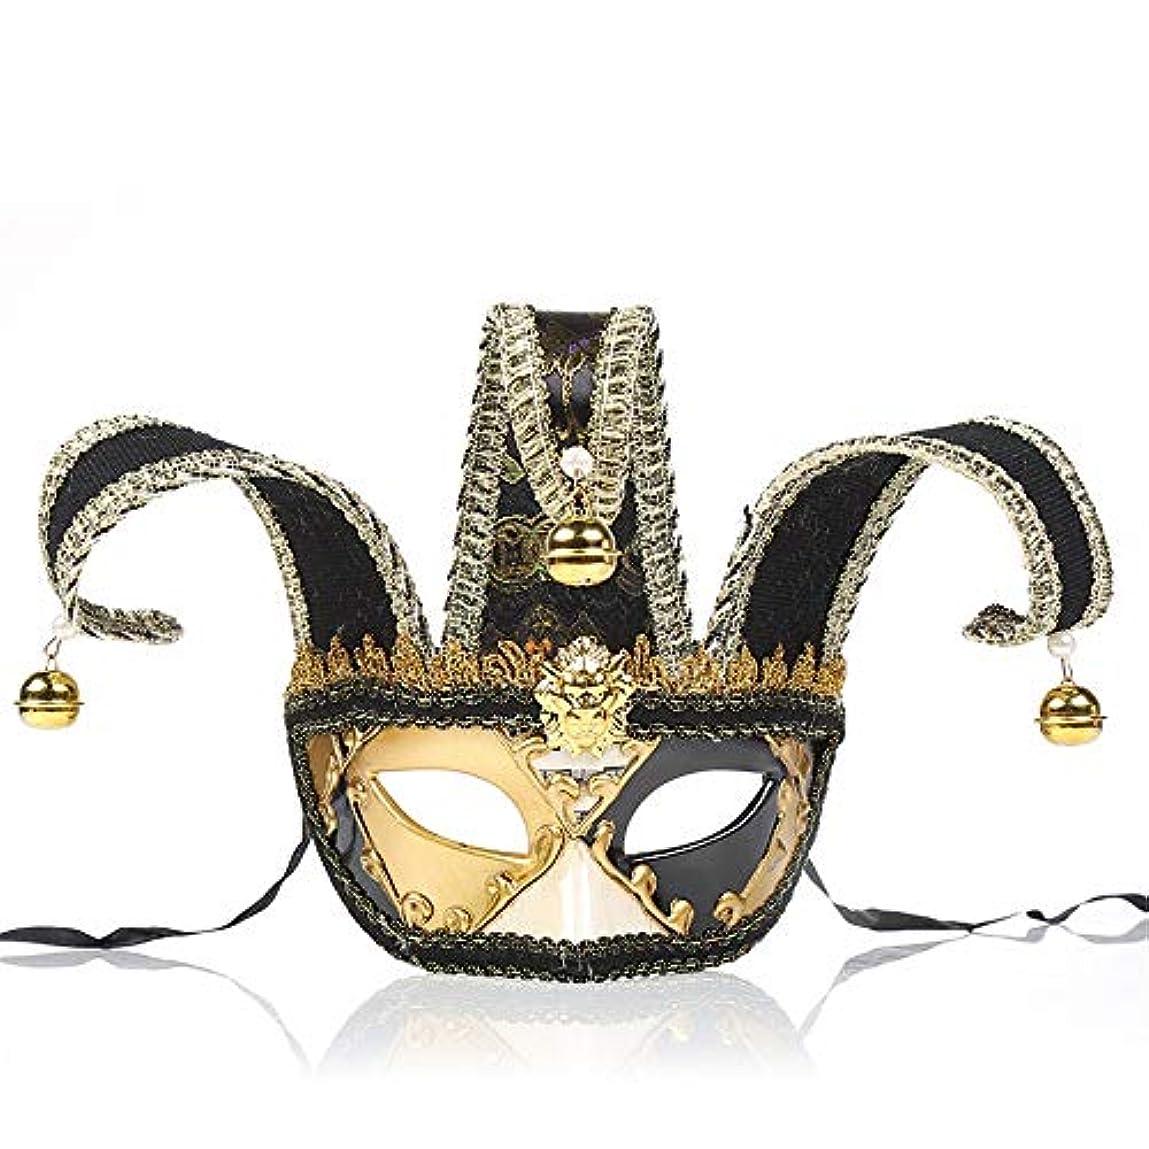 悪行キュービックベーシックダンスマスク 若者の少女ハロウィーンギフトレトロマスクホット販売マスカレードロールプレイング装飾 ホリデーパーティー用品 (色 : ブラック, サイズ : 28x16.5cm)